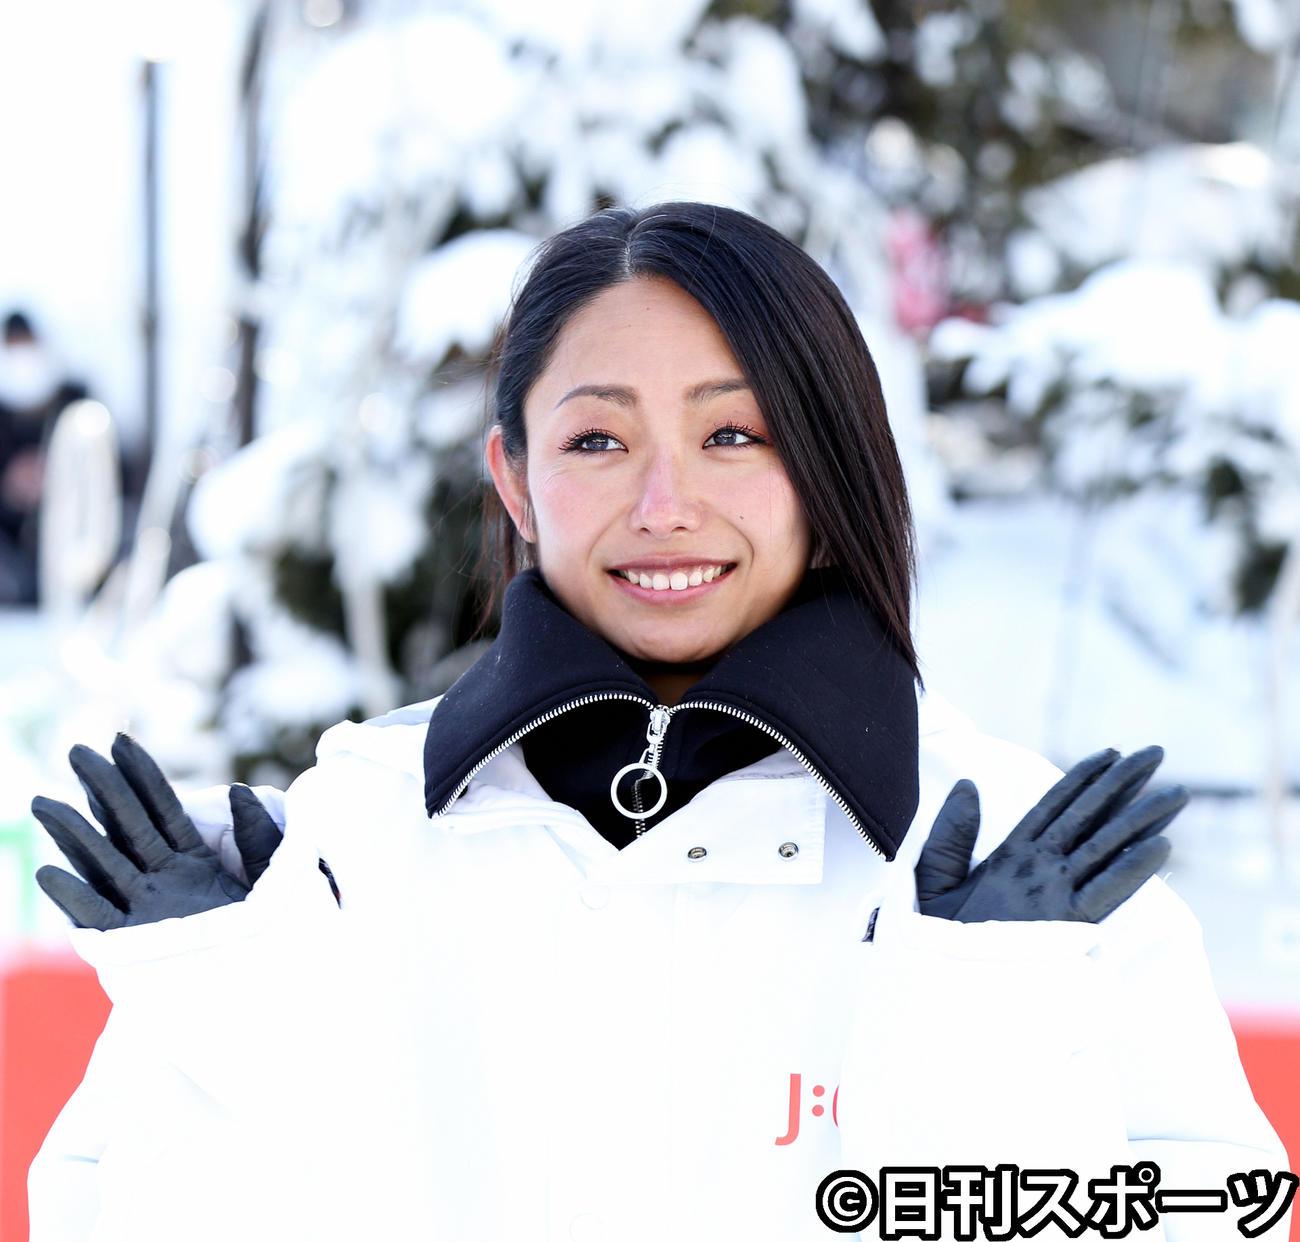 安藤美姫(2020年2月4日撮影)